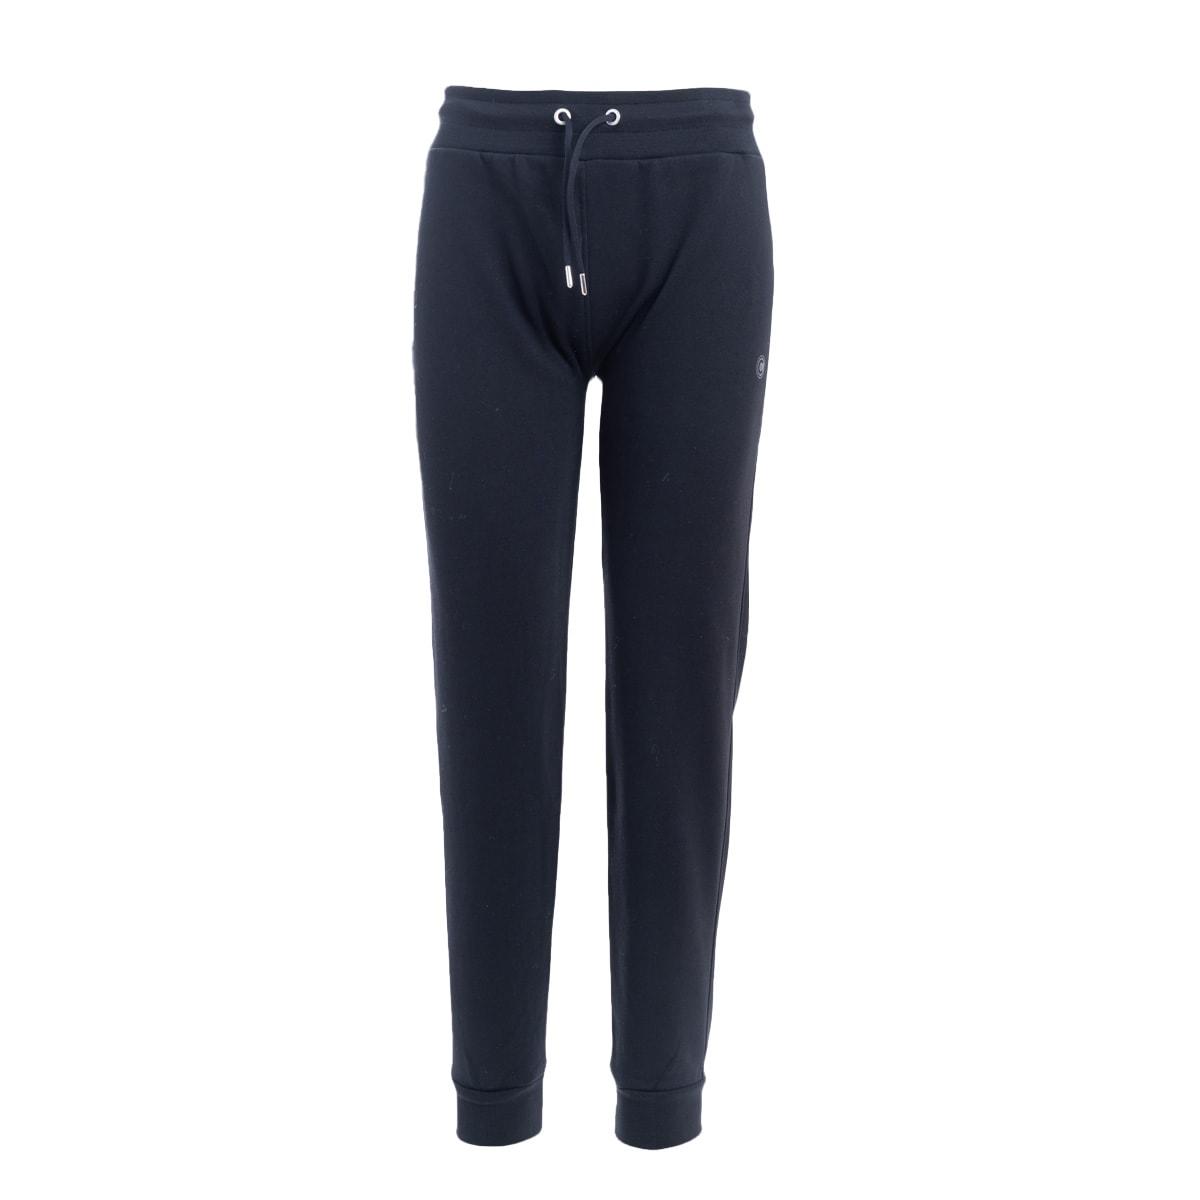 Colmar Colmar Originals Cotton Pants